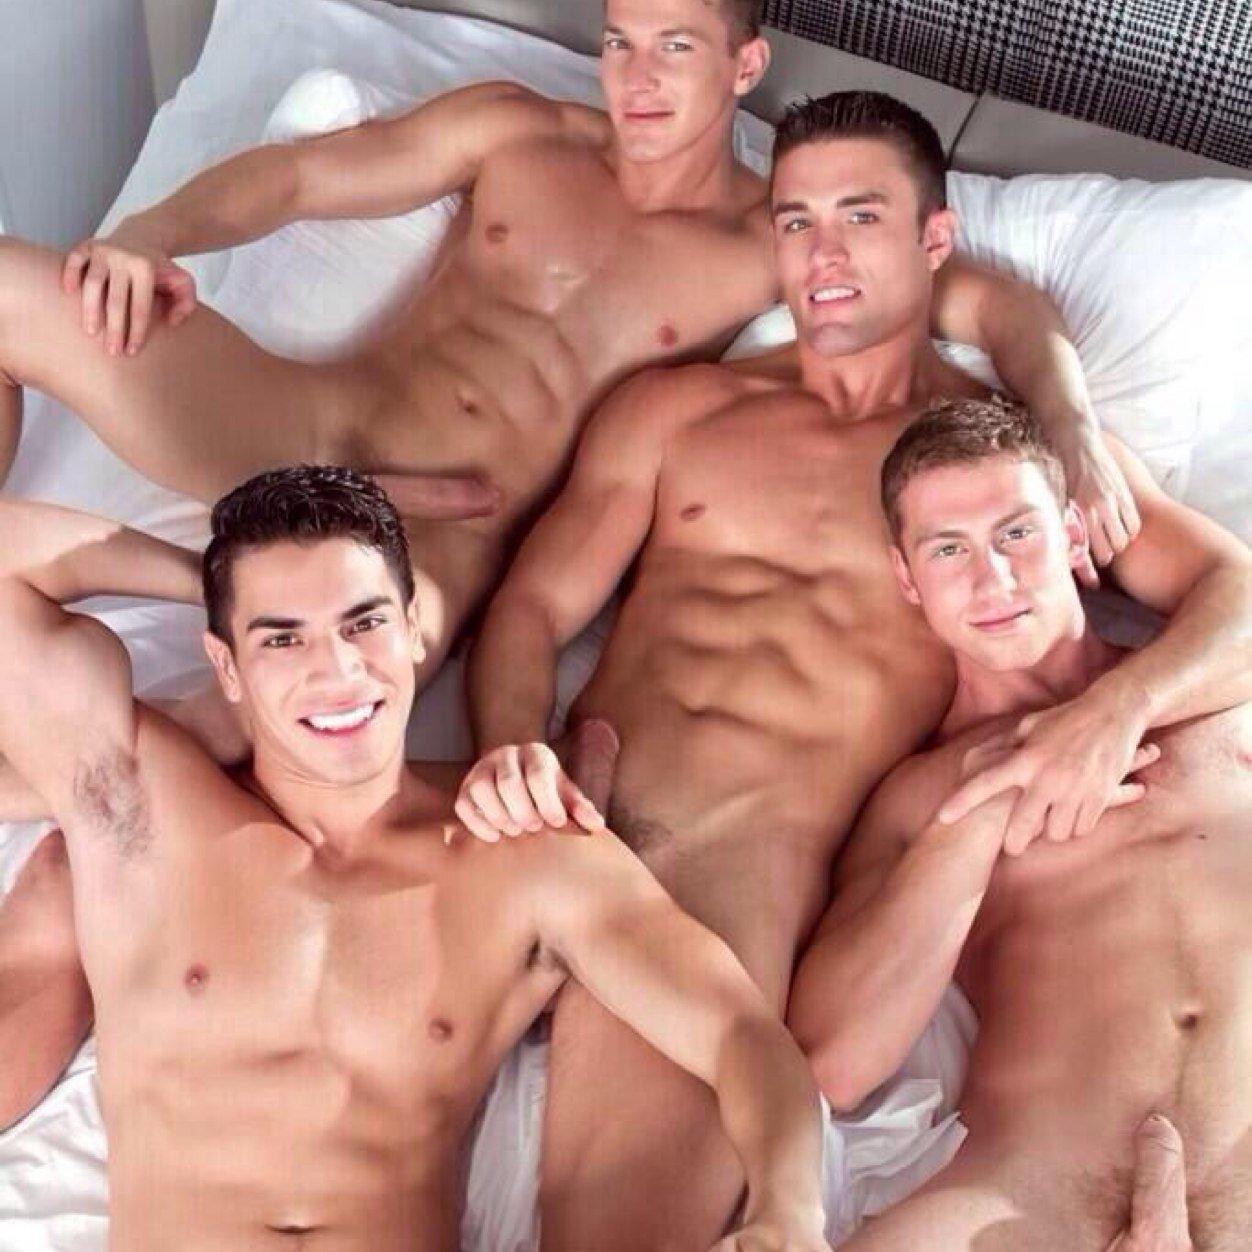 Группы Вк Где Можно Смотреть Гей Порно